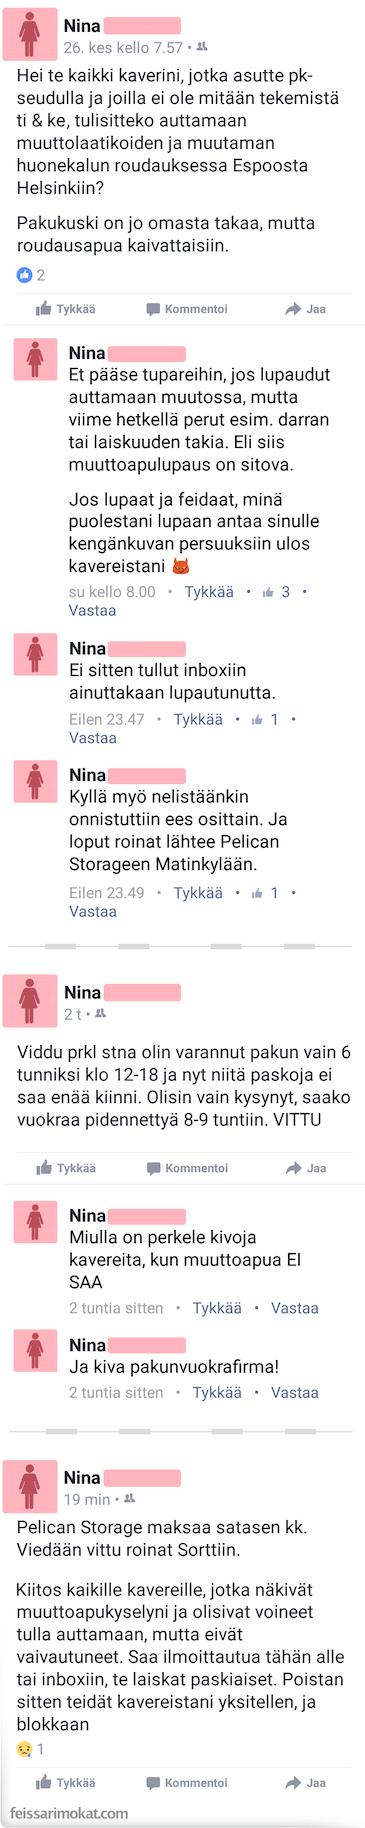 Pieni Kalu Pieni Pillu Seksitreffit Uusimmat Naisten.